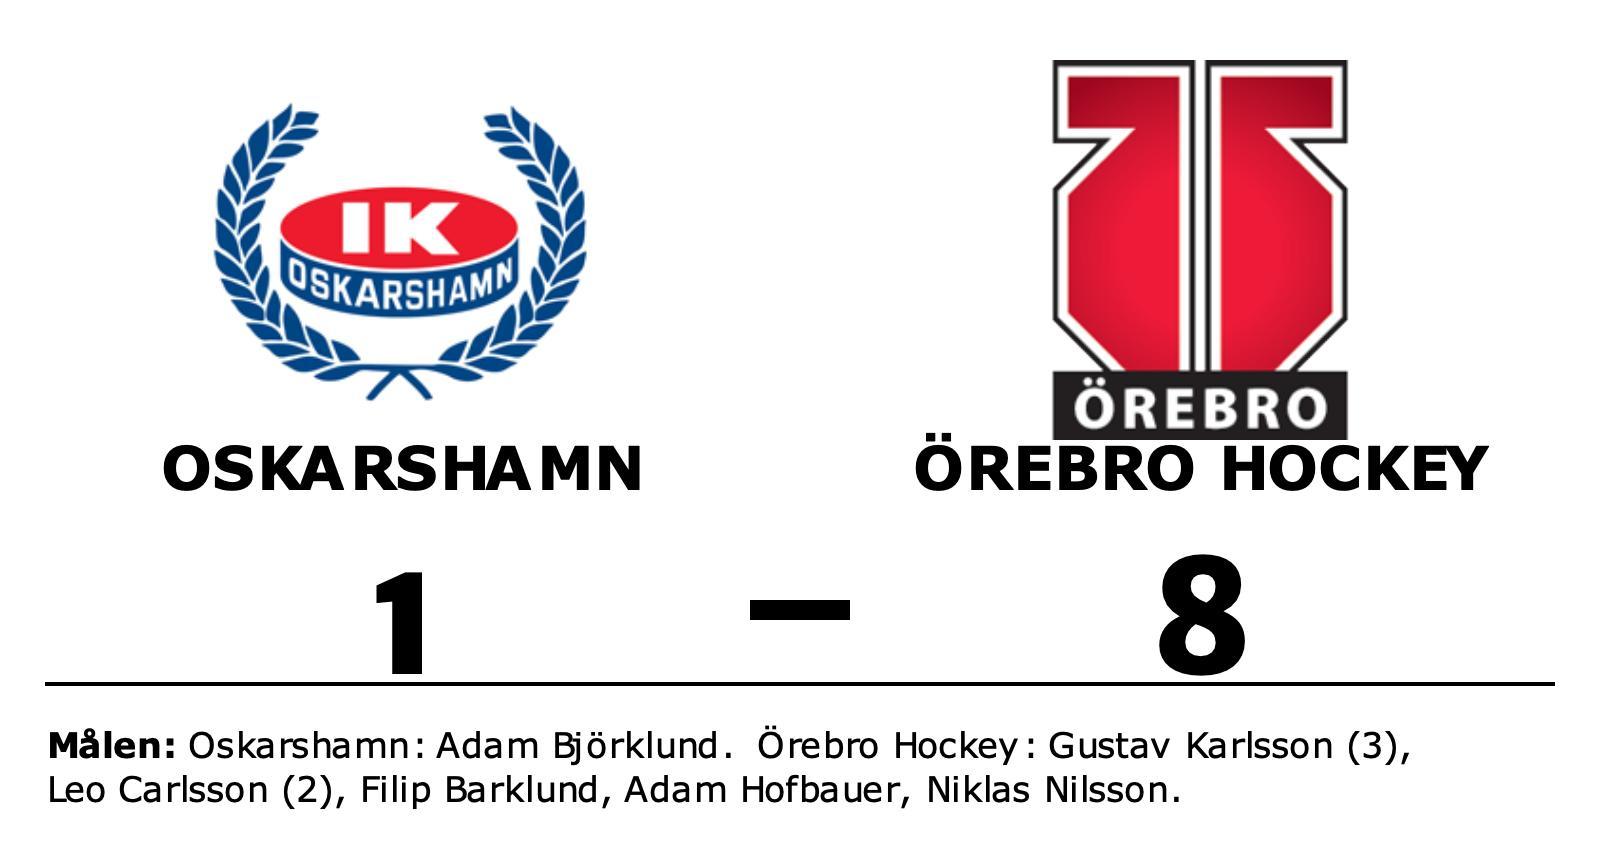 Målfest för Örebro Hockey borta mot Oskarshamn